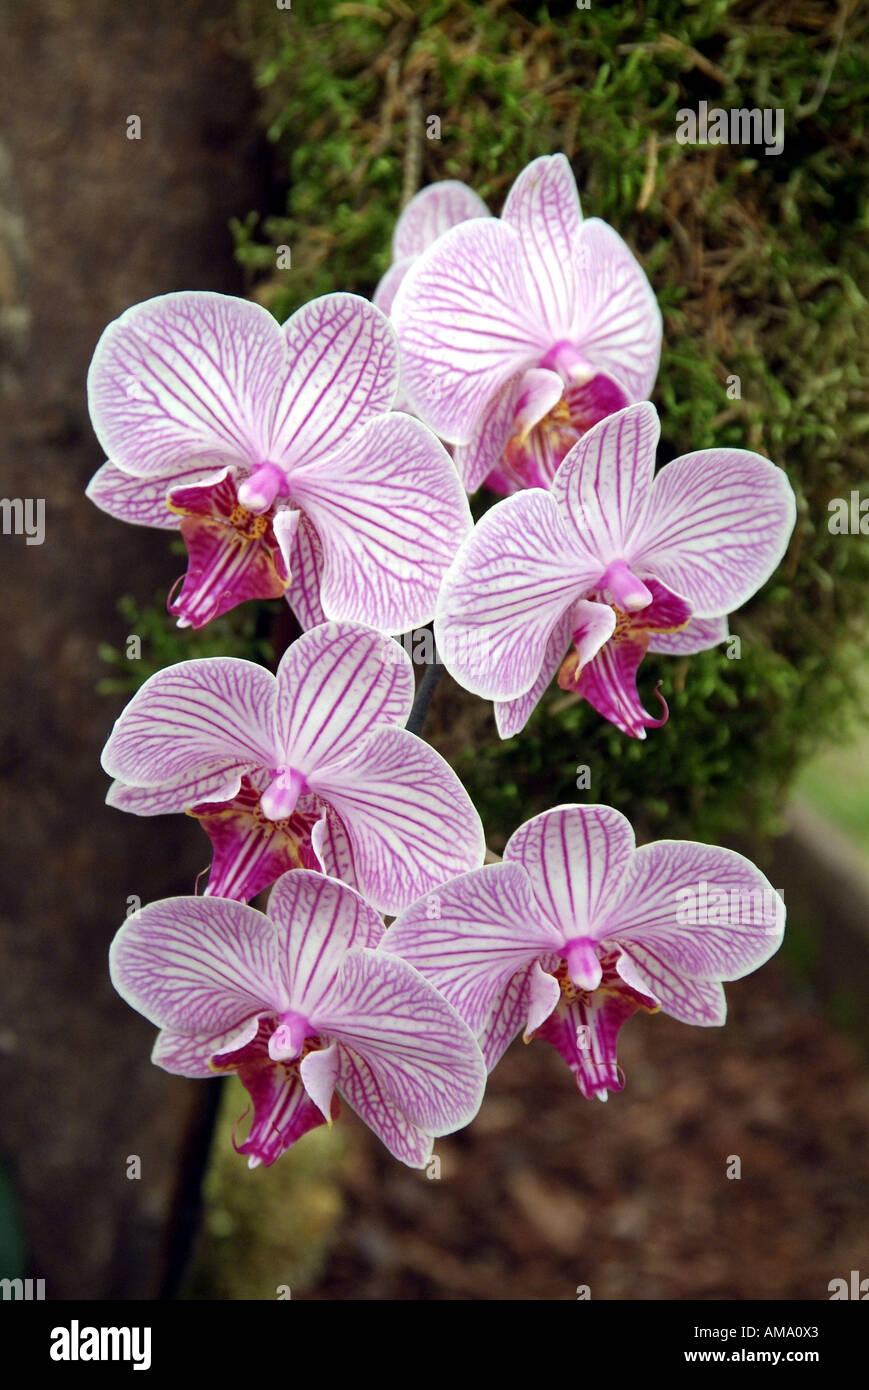 Orchideen Phalaenopsis Malibu Bistro epiphytisch terrestrischen Treibhaus tropische Blume Blumen Pflanze exotischen Osten Osten Spray Dschungel Stockfoto